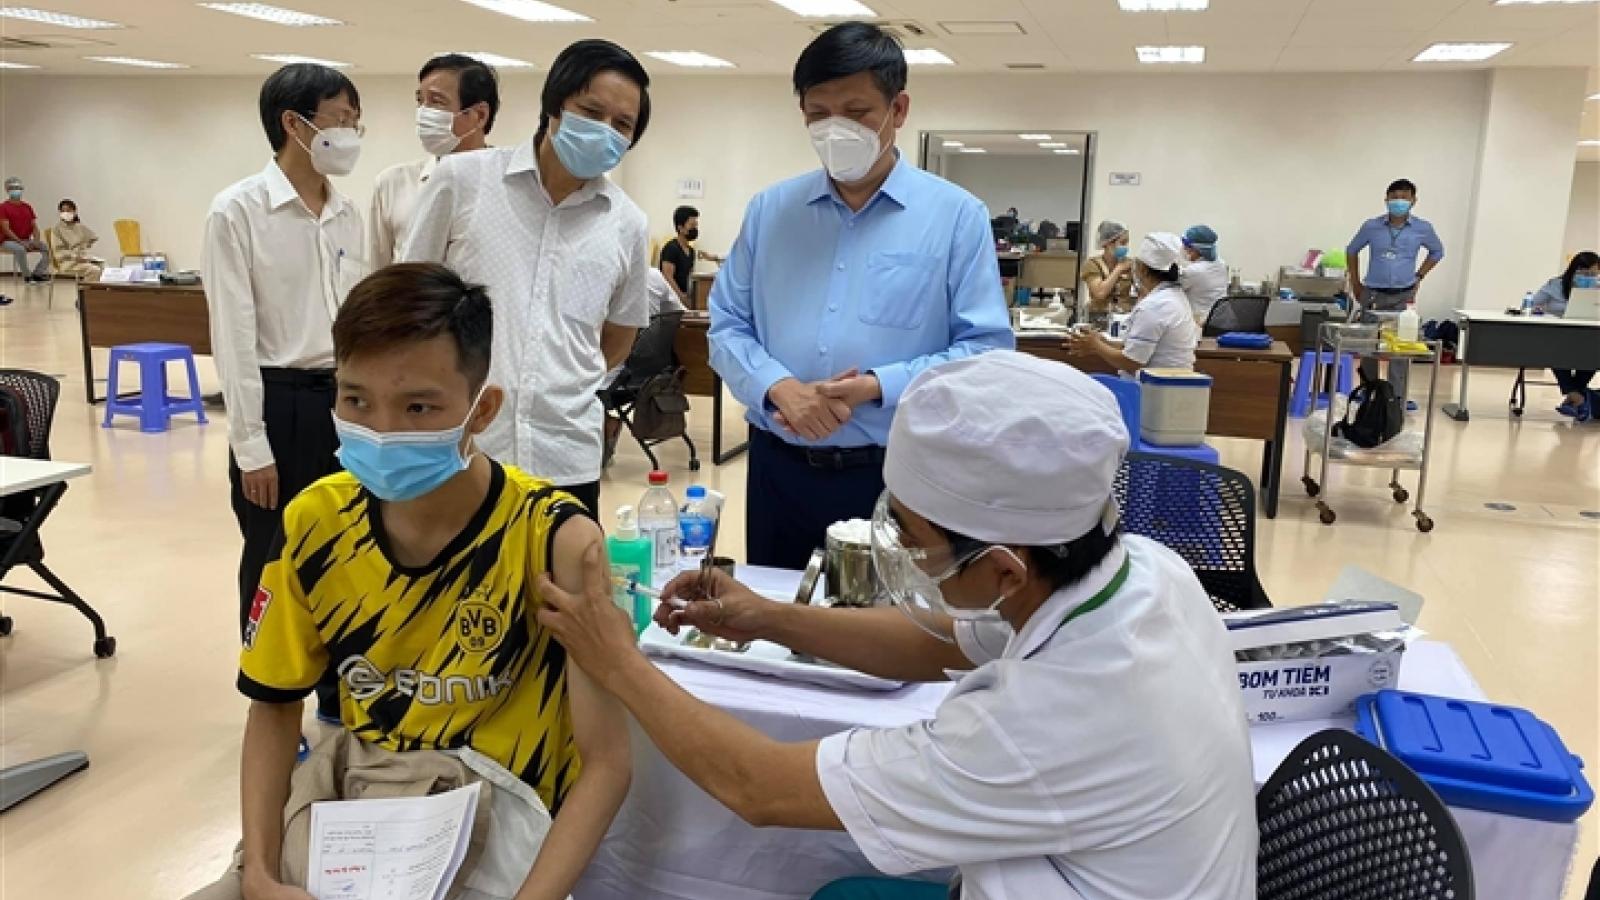 Tiêm 2 mũi vaccine Covid-19 của 2 hãng có đảm bảo hiệu quả?